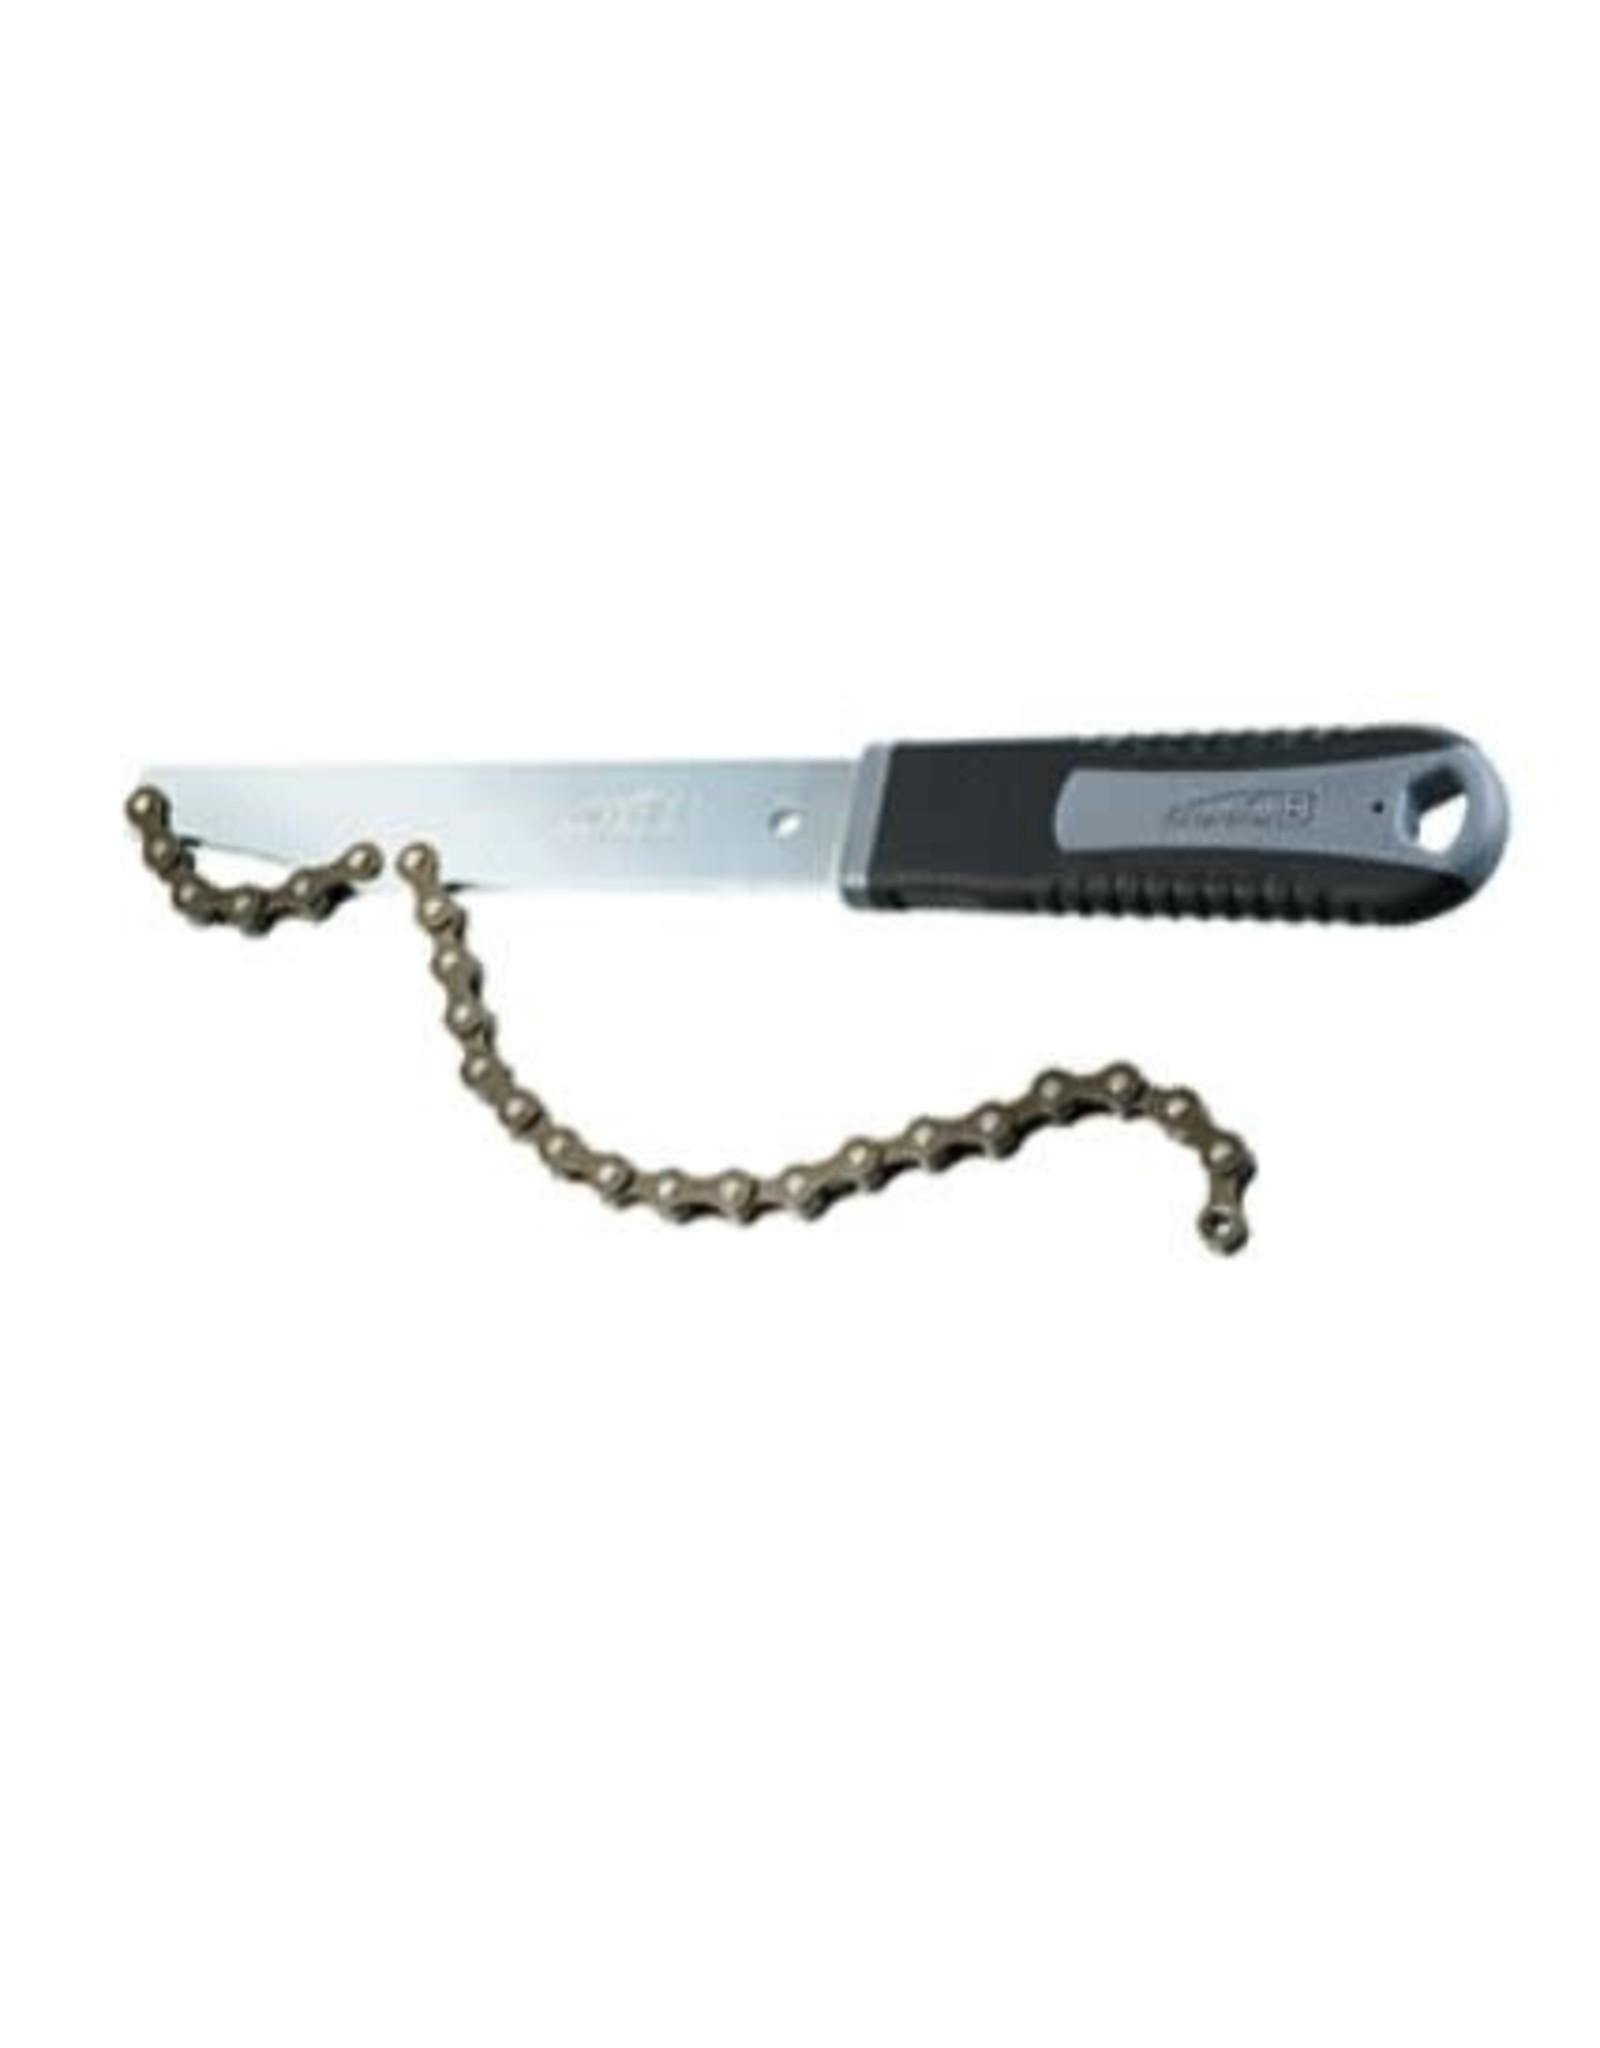 Super B Chain whip Super B TB-FW20